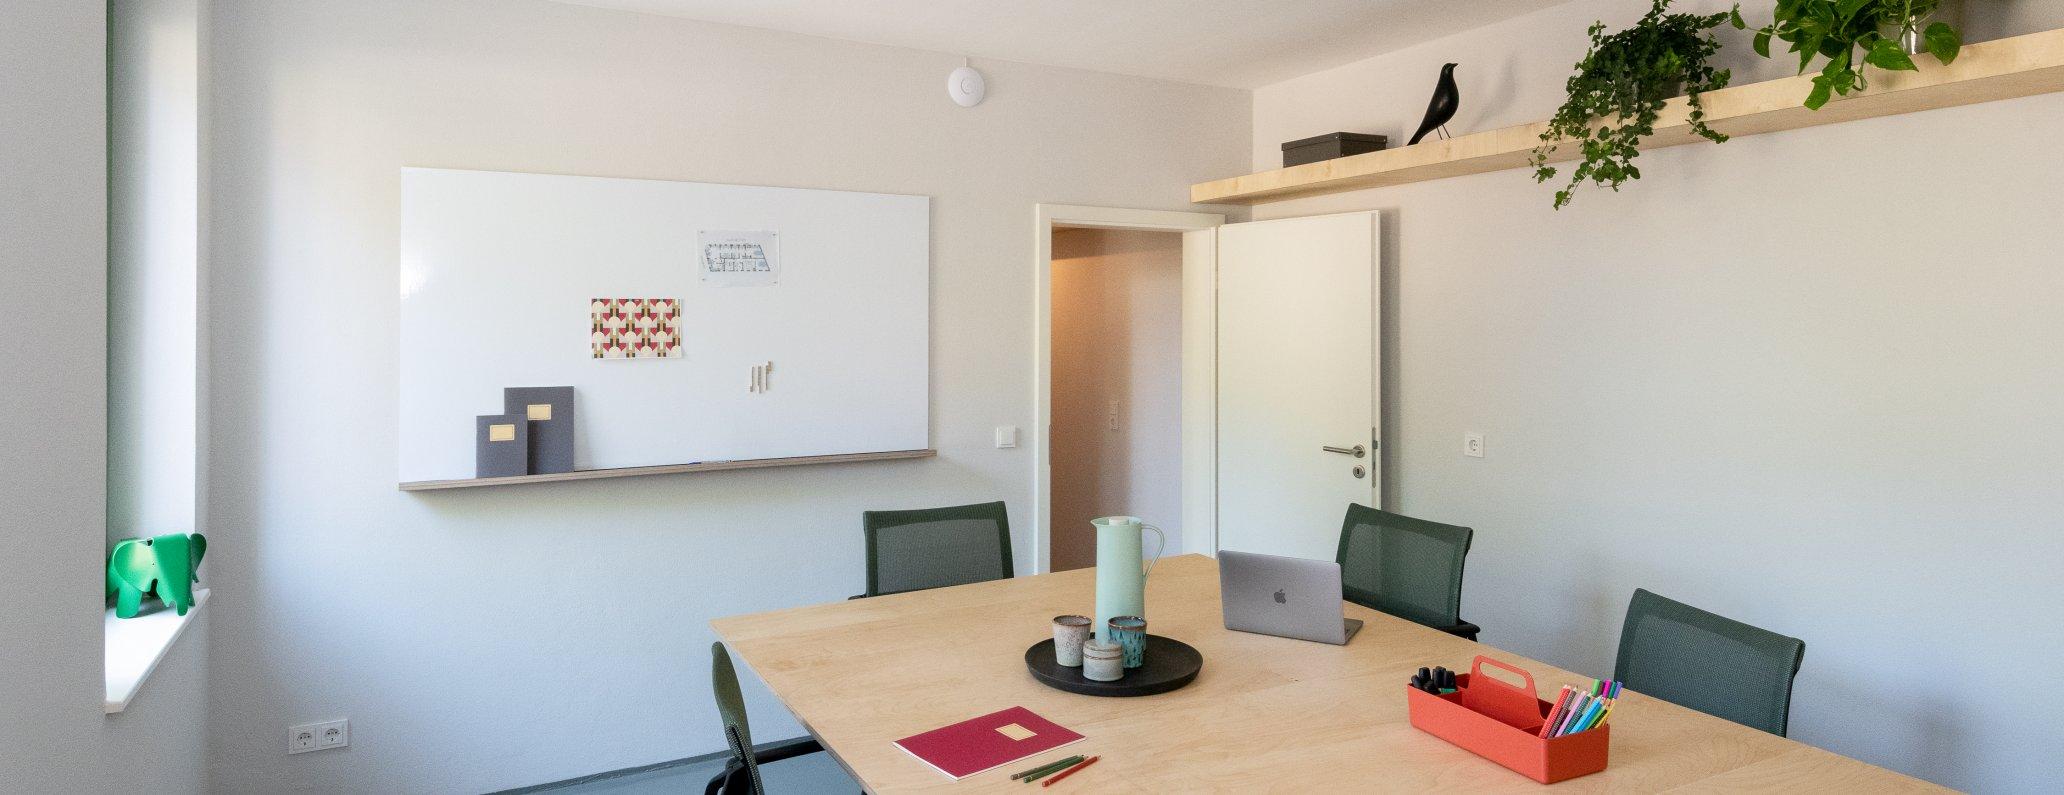 Meeting room Ohja GmbH, Leipzig